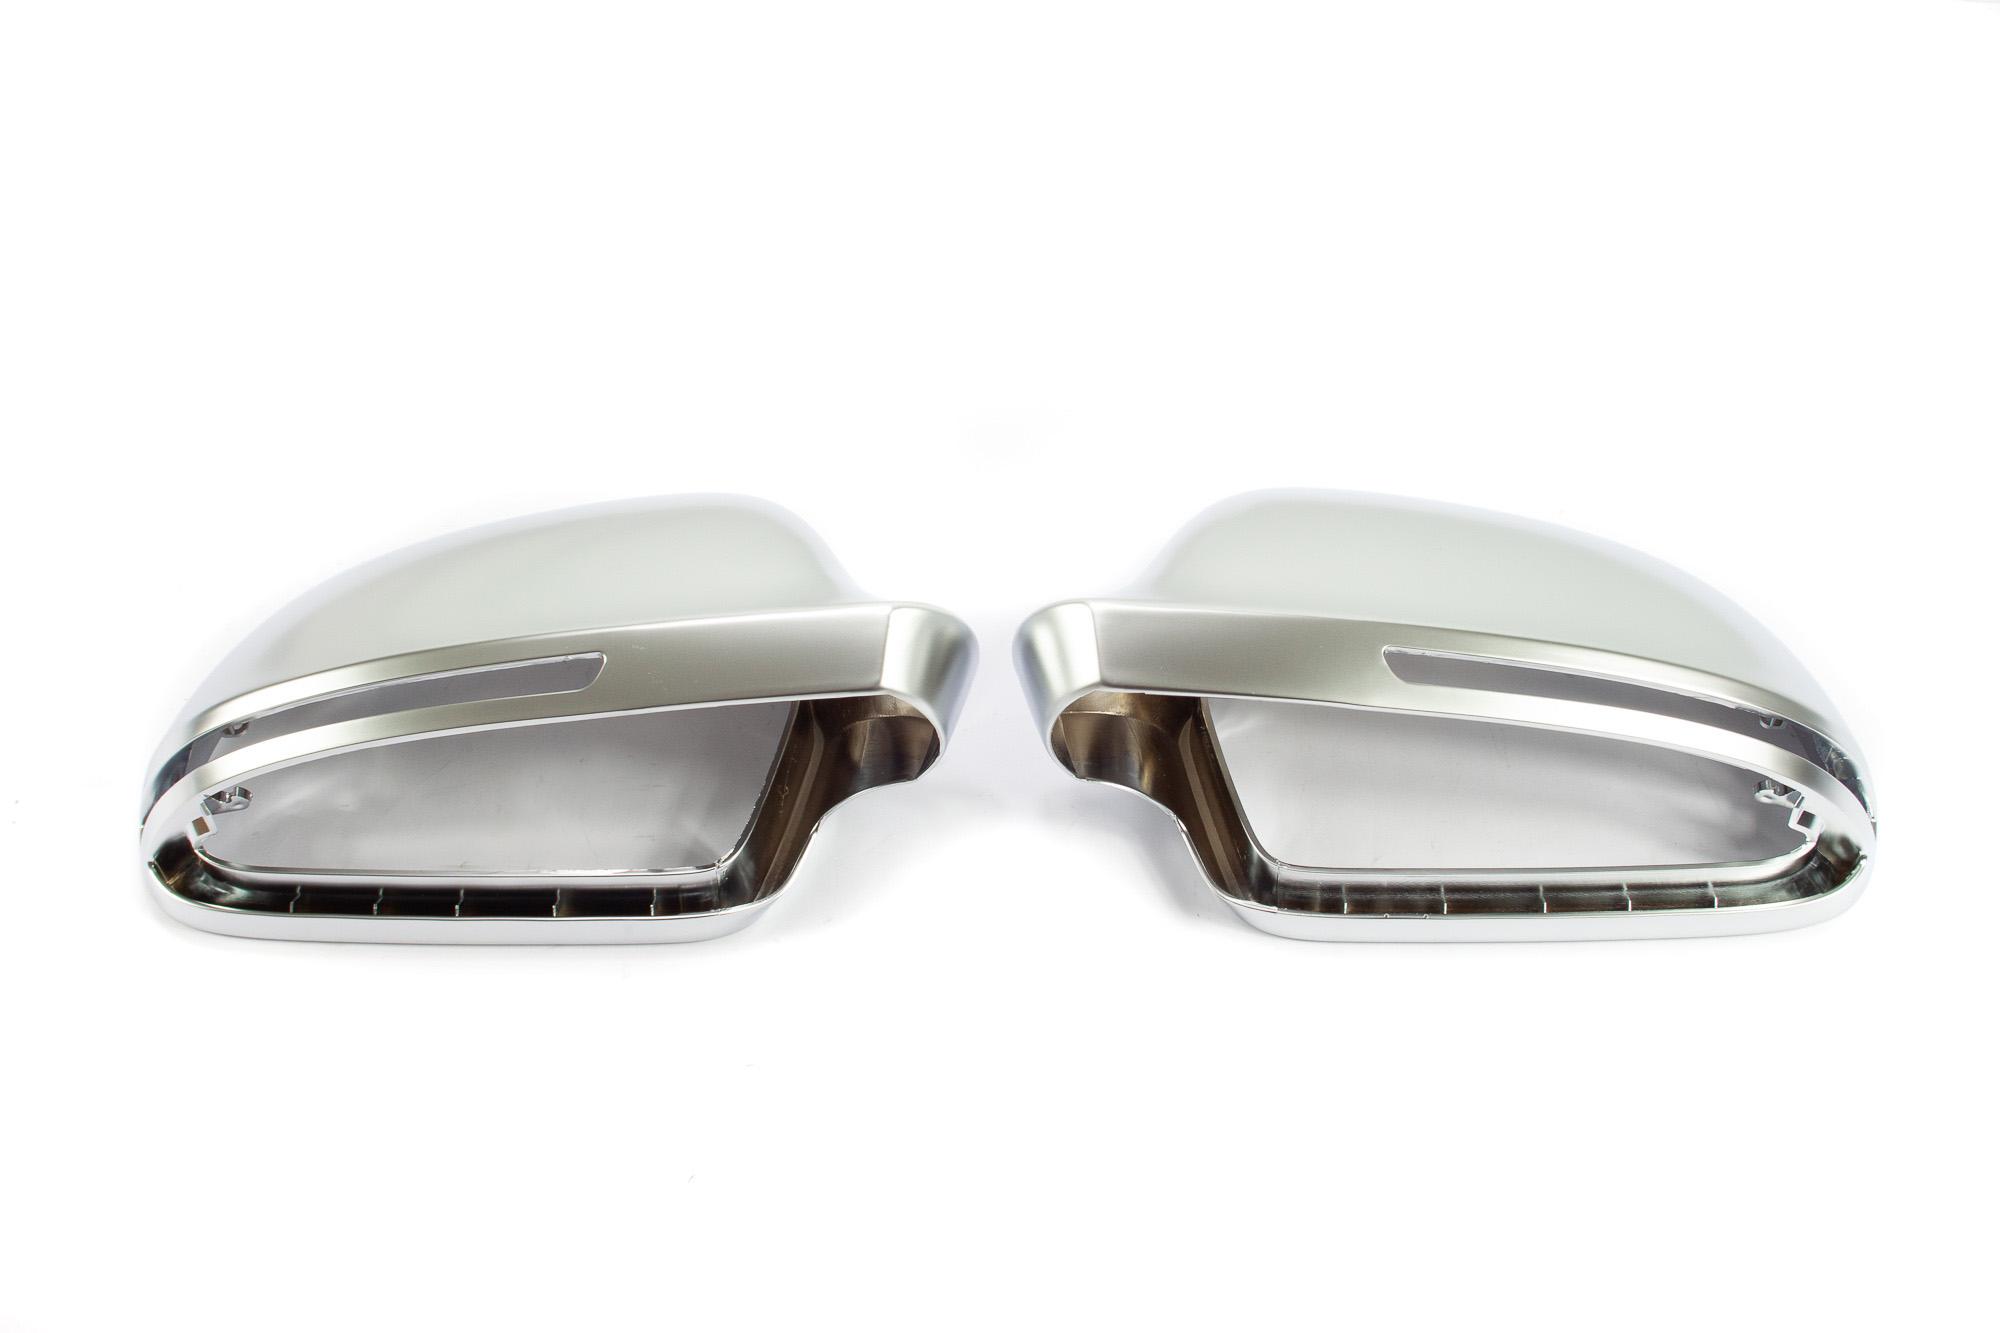 Aluminium Style Spiegelkappen Audi A3 04/2008 - 05/2010, A4 nur Vfl bis 11/2011, A5 nur Vfl bis 07/2011, A6 ab 10/2008, mit Spurwechselassistent